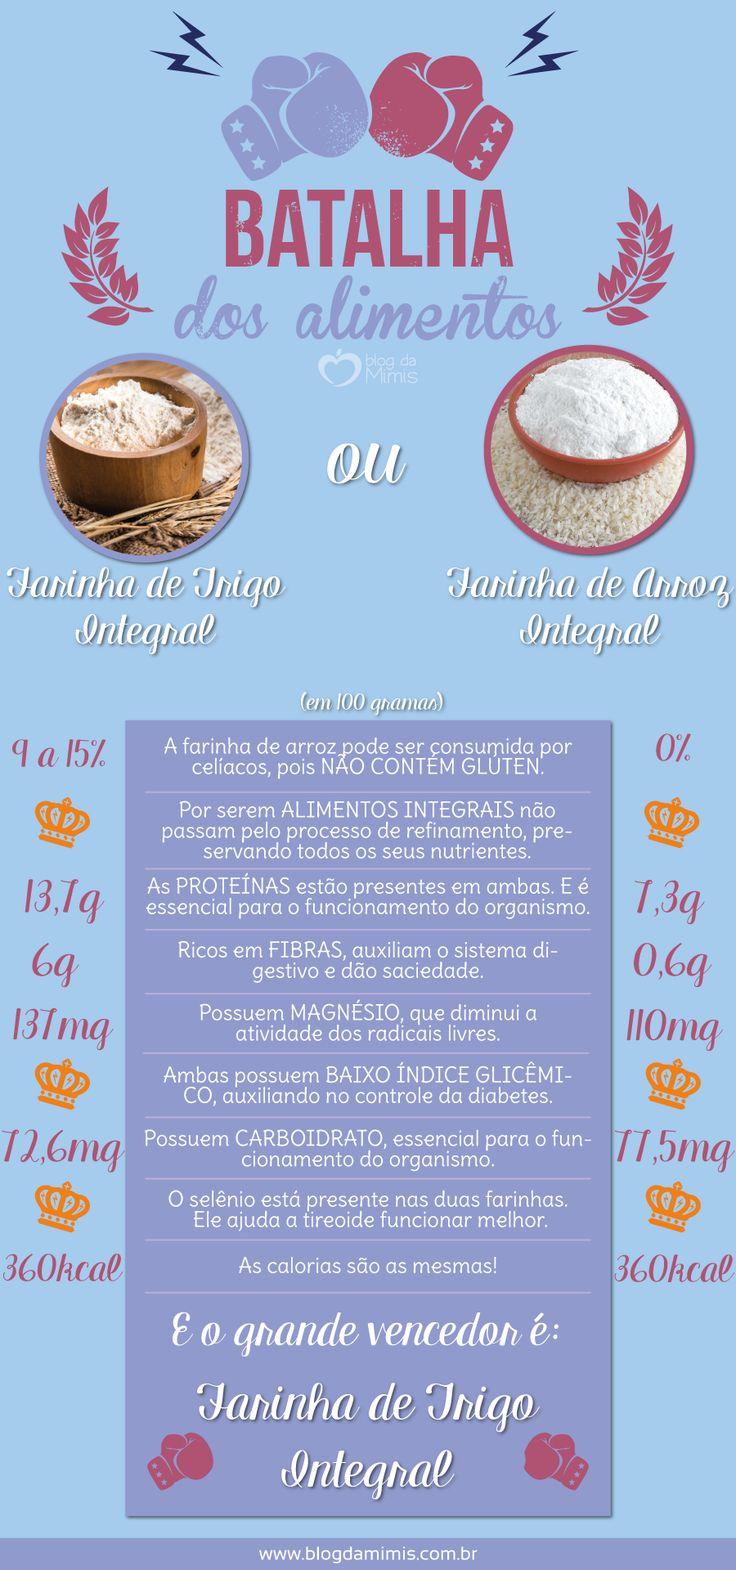 Batalha dos alimentos: farinha de trigo versus farinha de arroz - Blog da Mimis #farinha #farinhadearroz #arroz #trigo #integral #alimentação #tips #diet